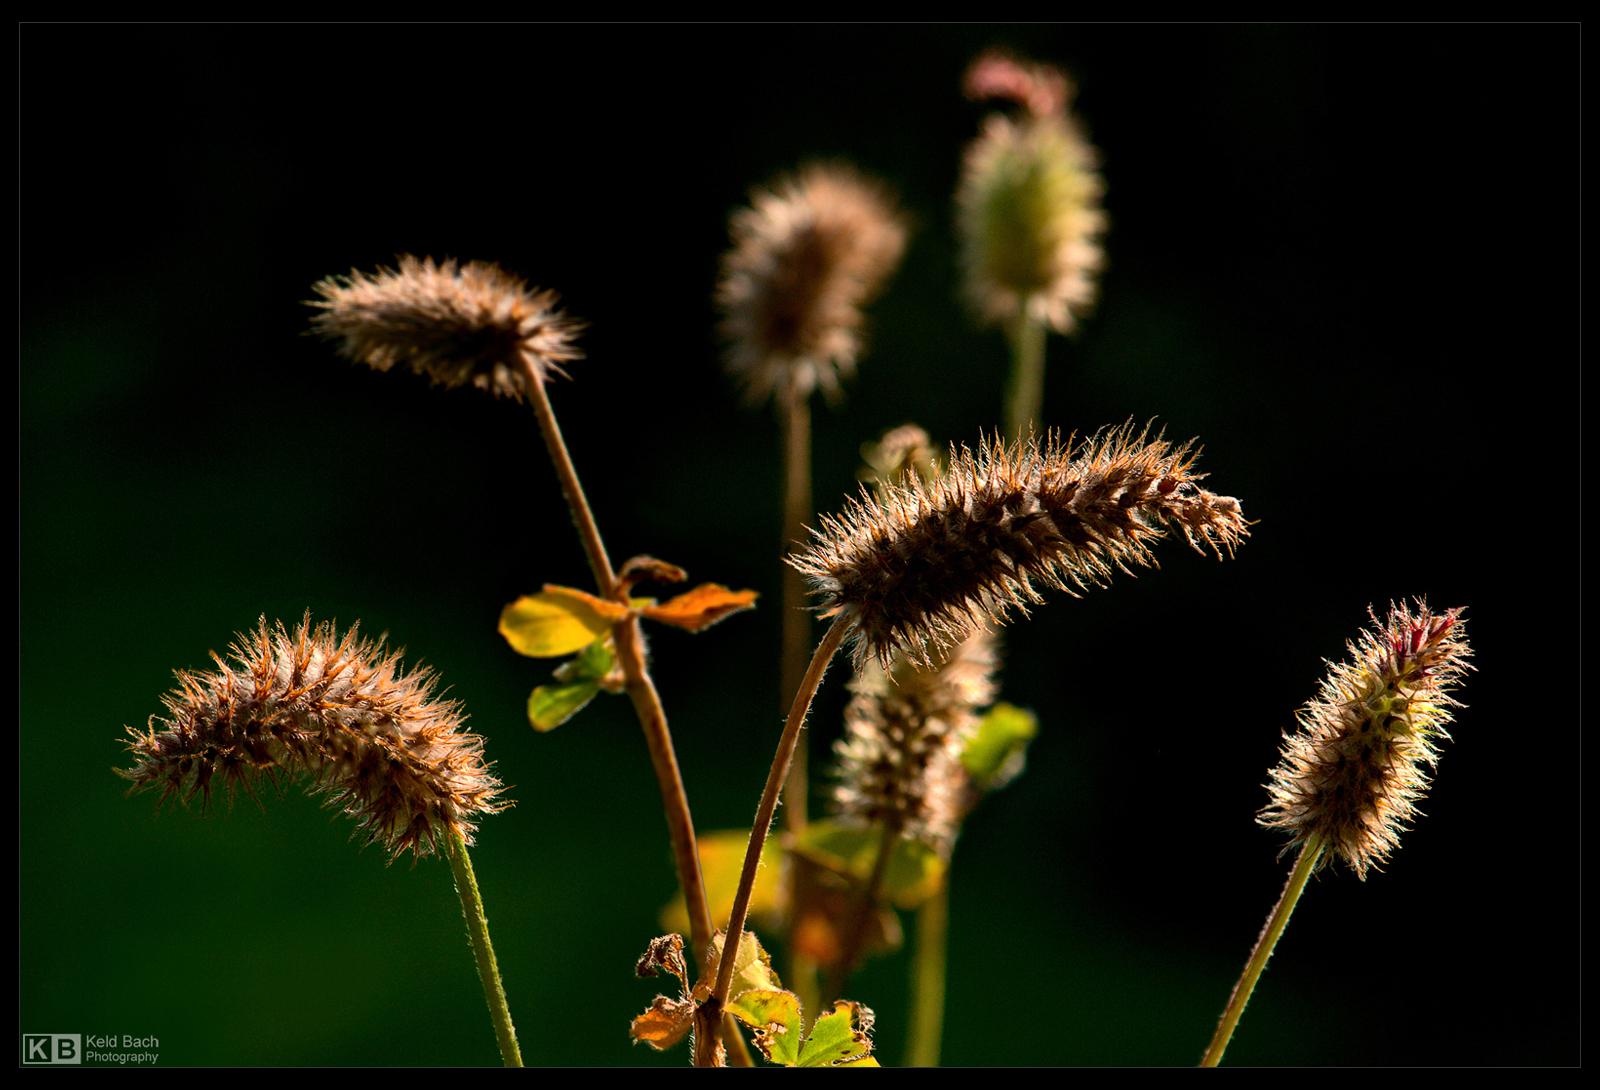 Fuzzy Seed Pods 2 by KeldBach